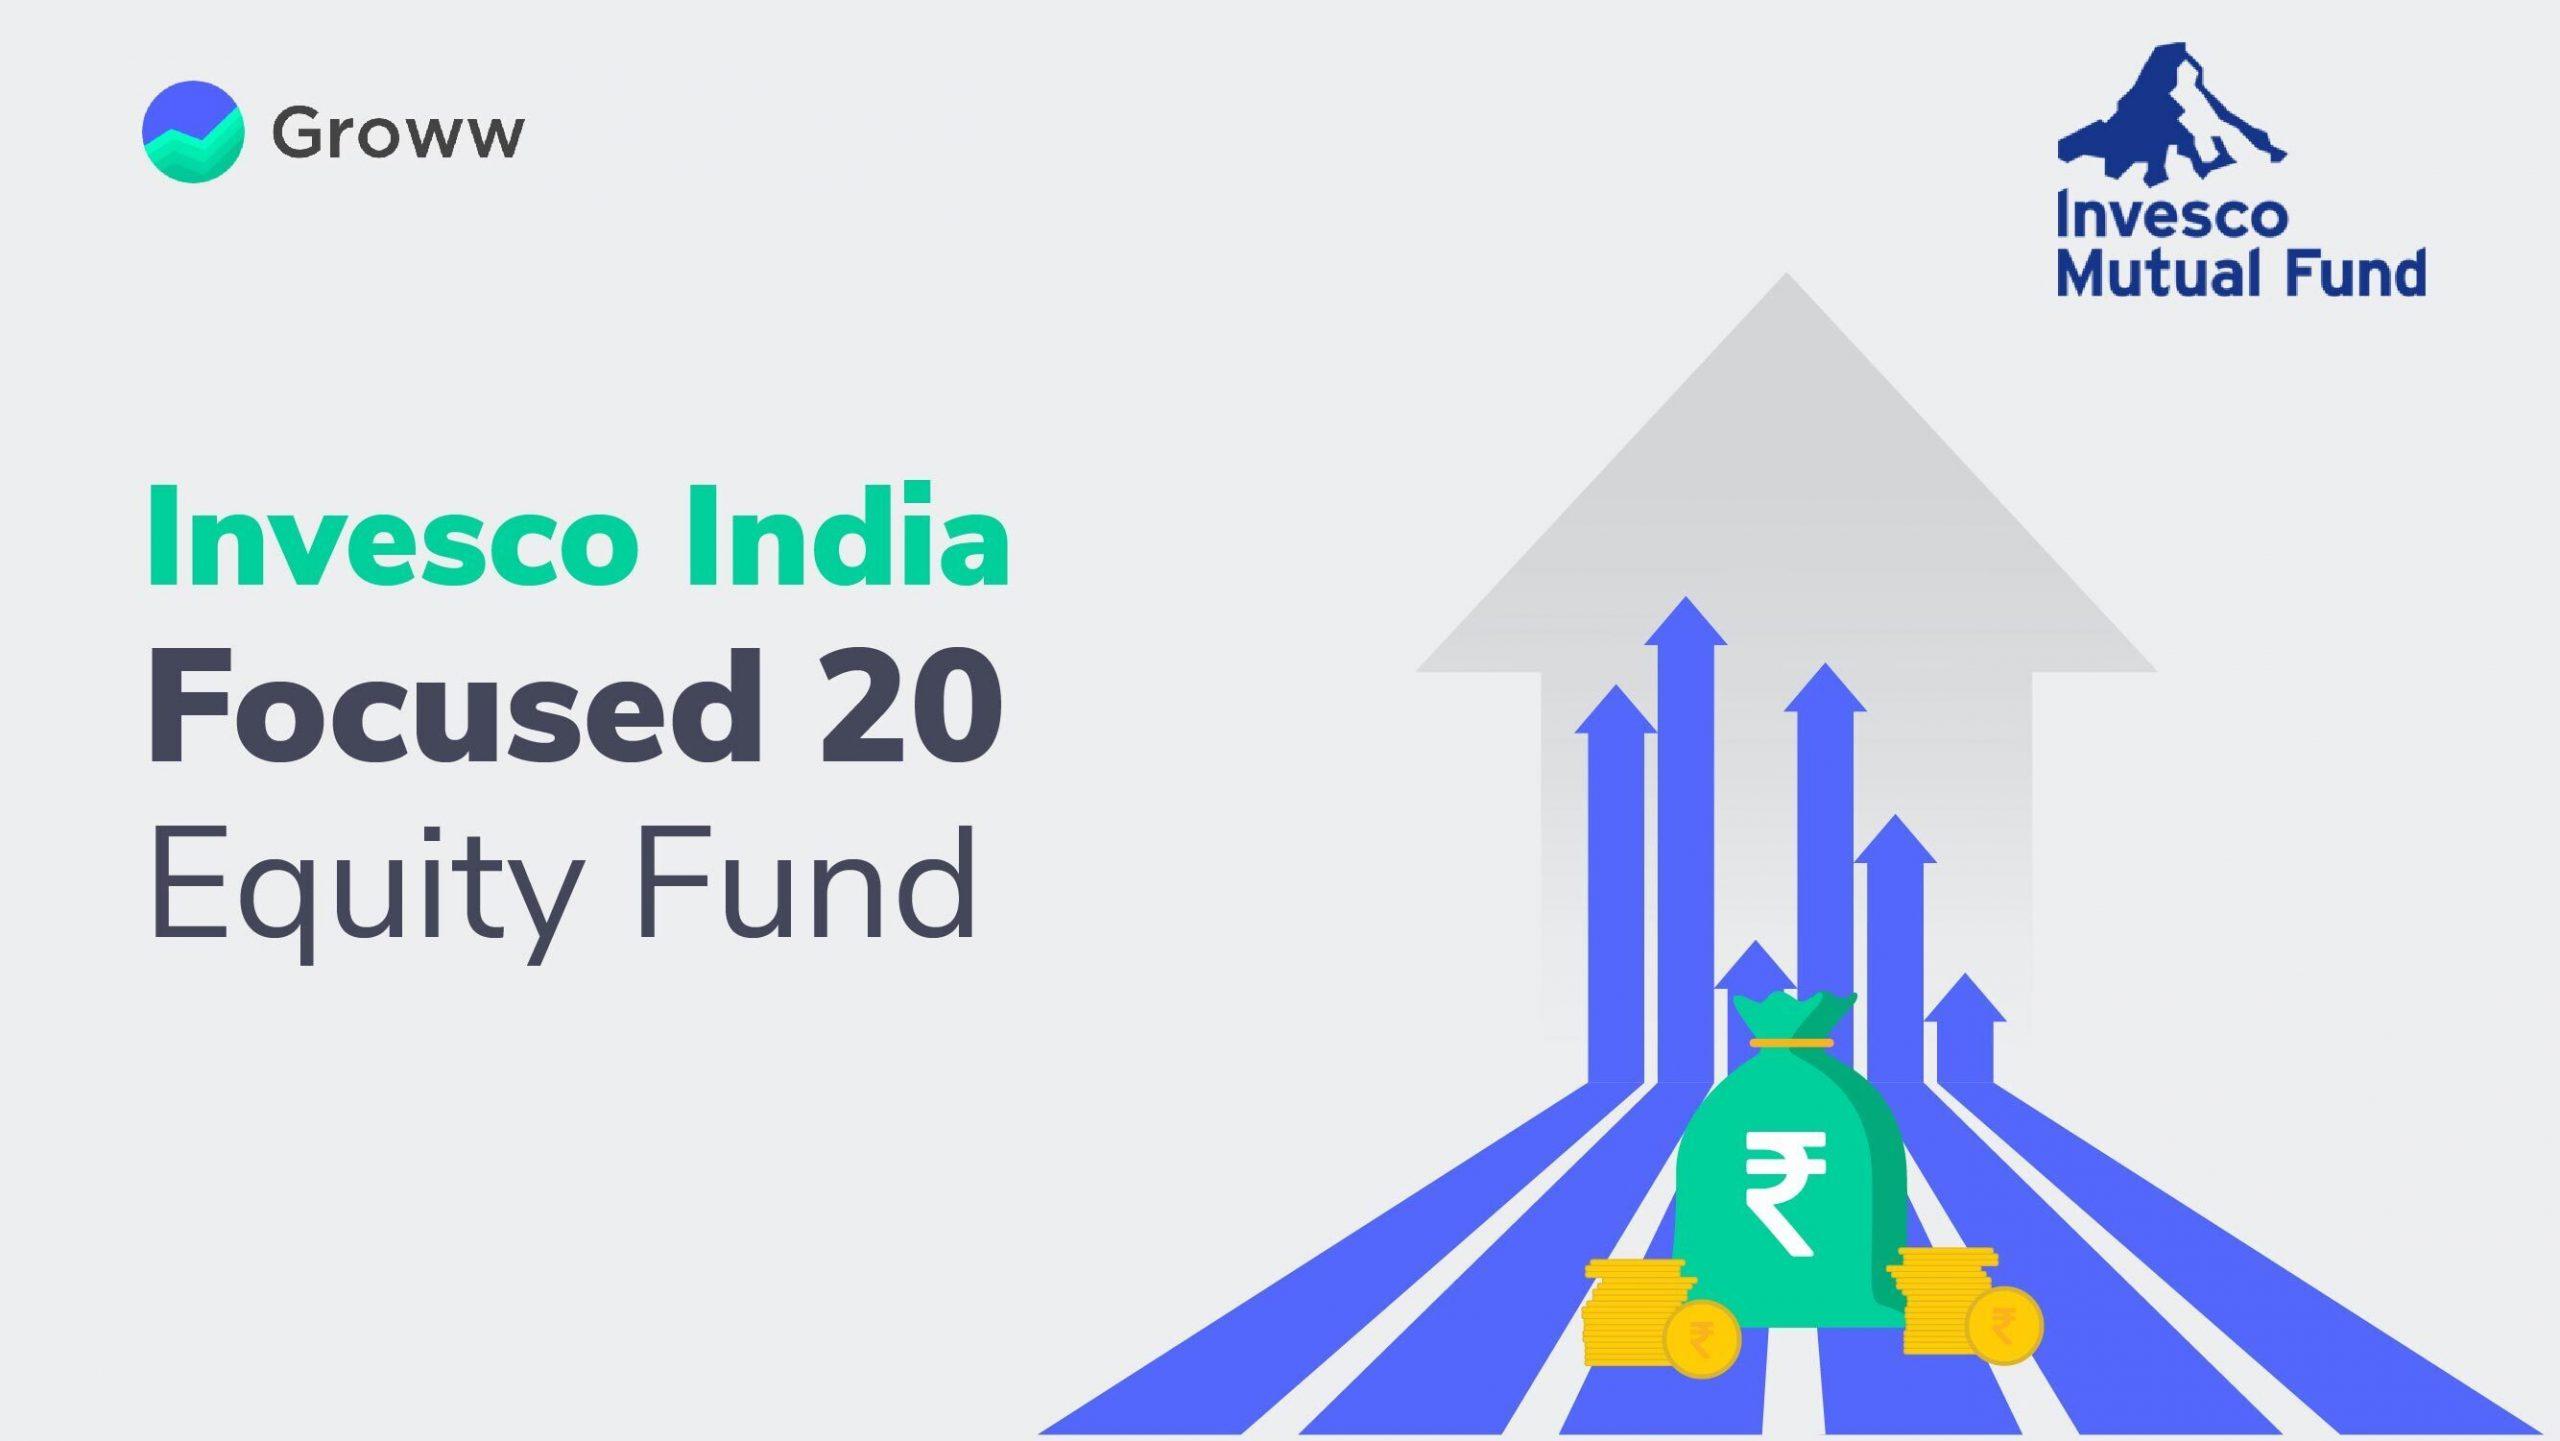 Invesco India Focused 20 Equity Fund